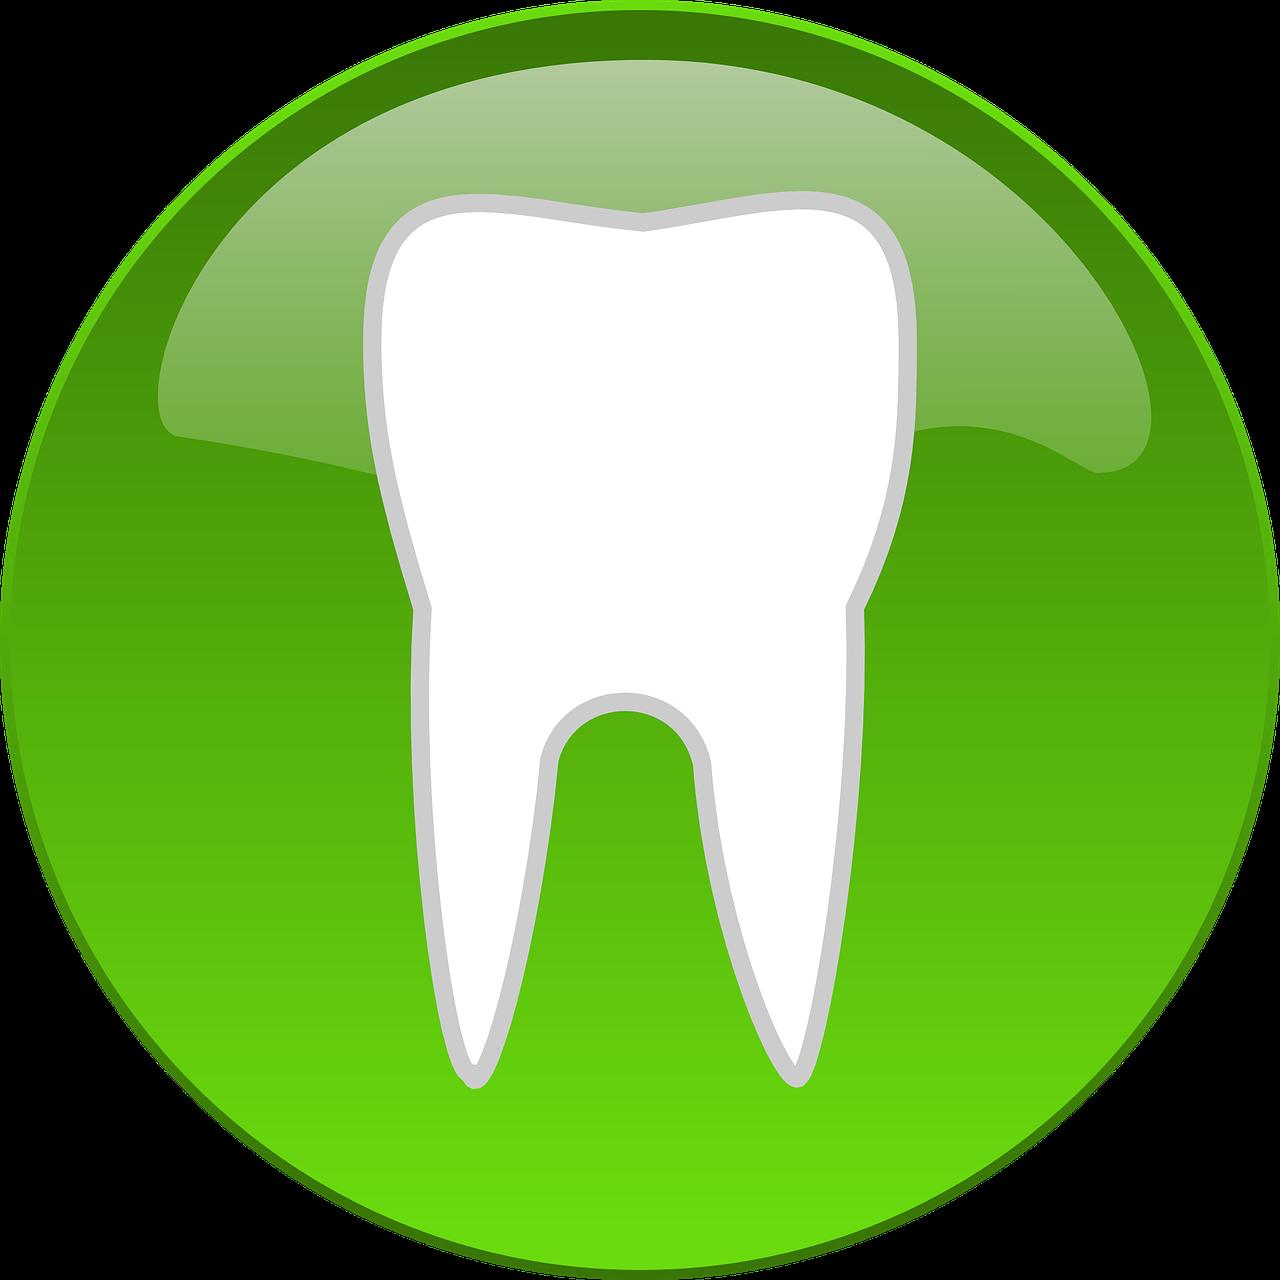 שן מושתלת